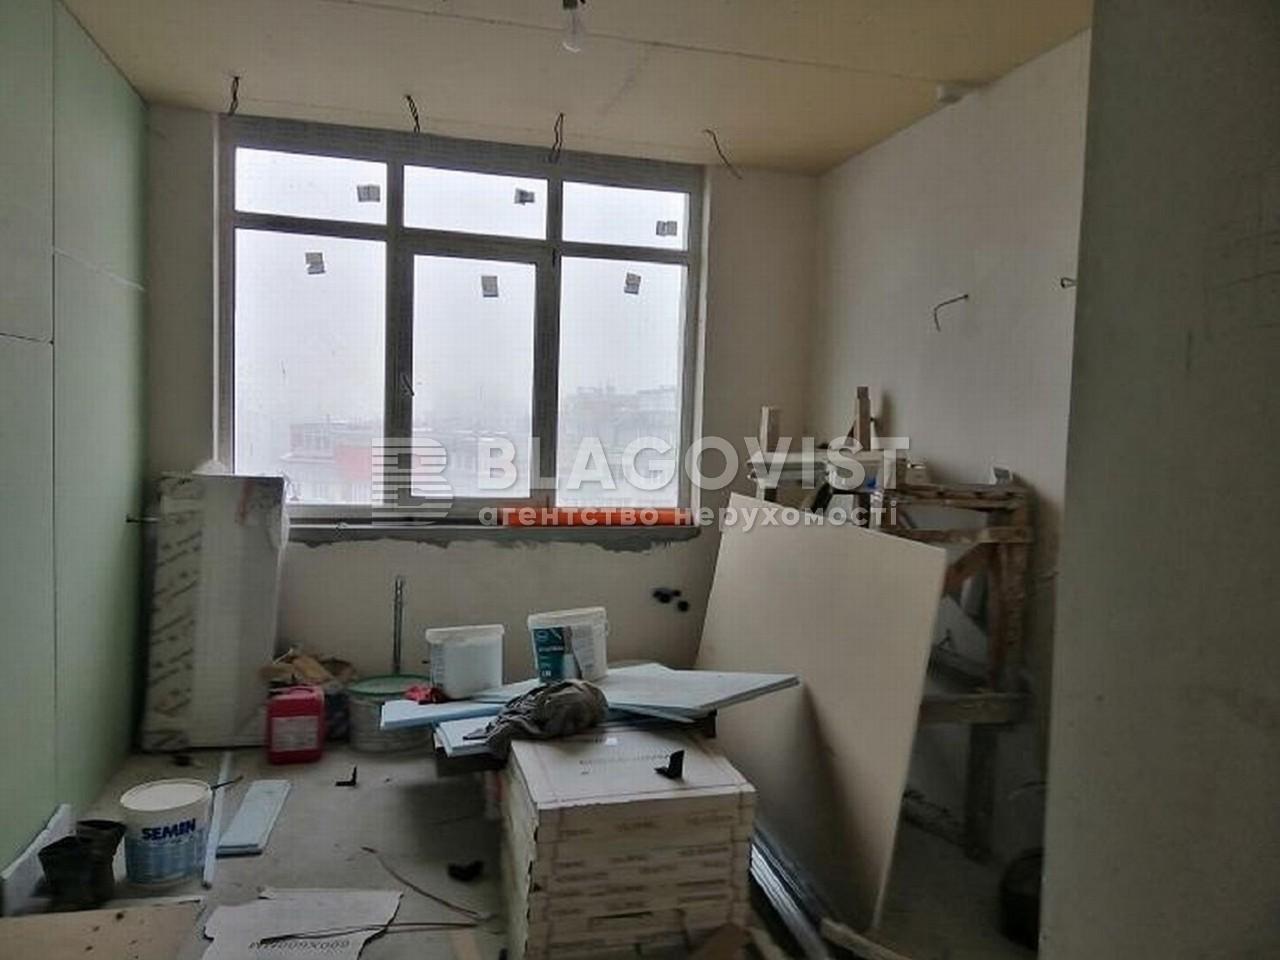 Нежилое помещение, Z-524061, Автозаводская, Киев - Фото 5